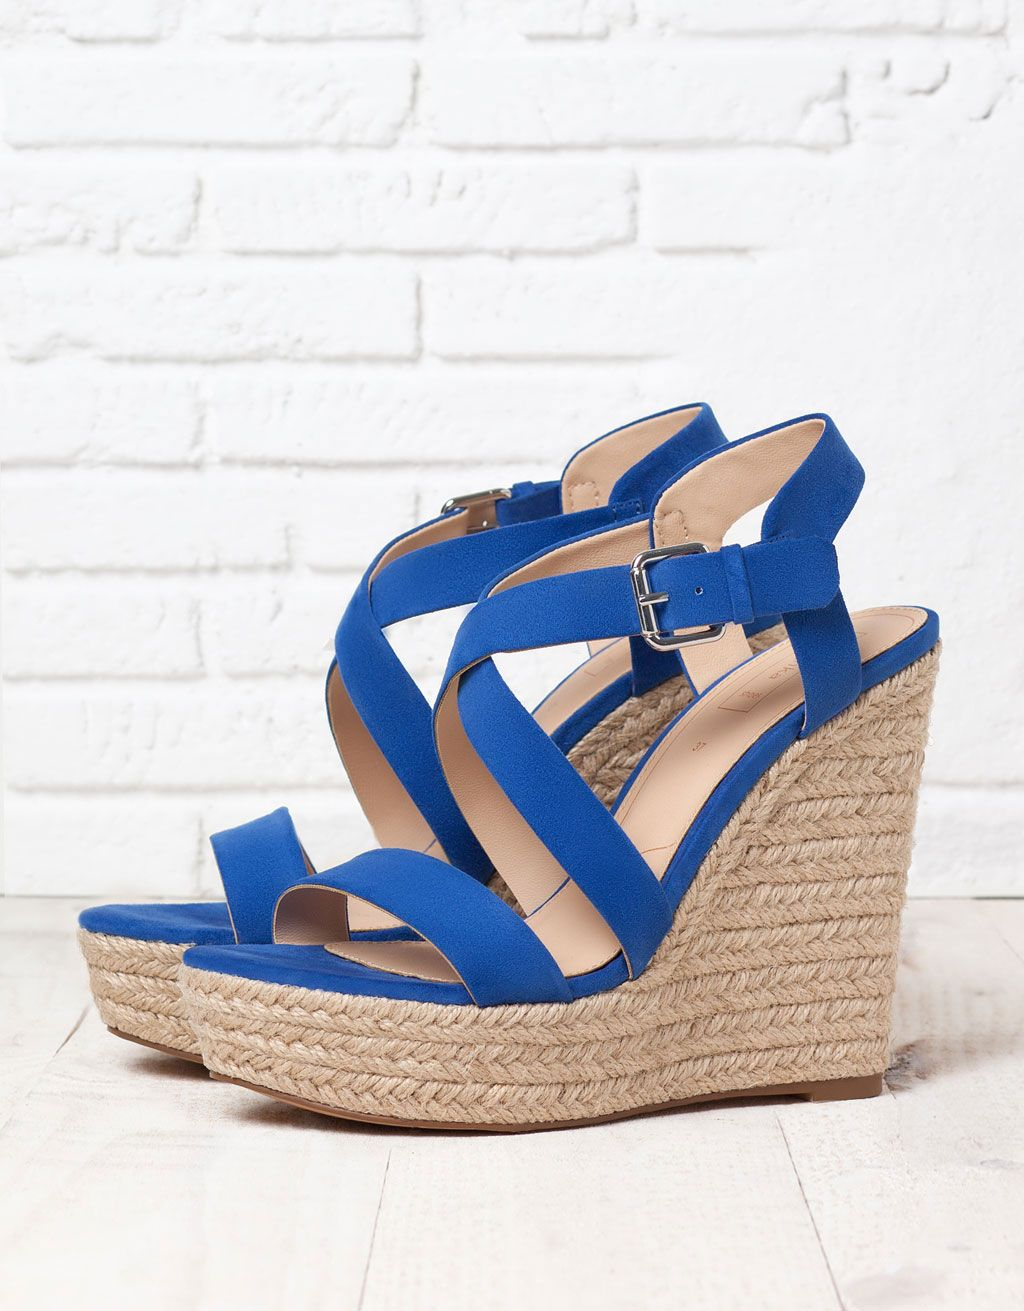 new product f410e a0ed3 Sandali con zeppa di corda blu #sandali #fashion #trend2015 ...